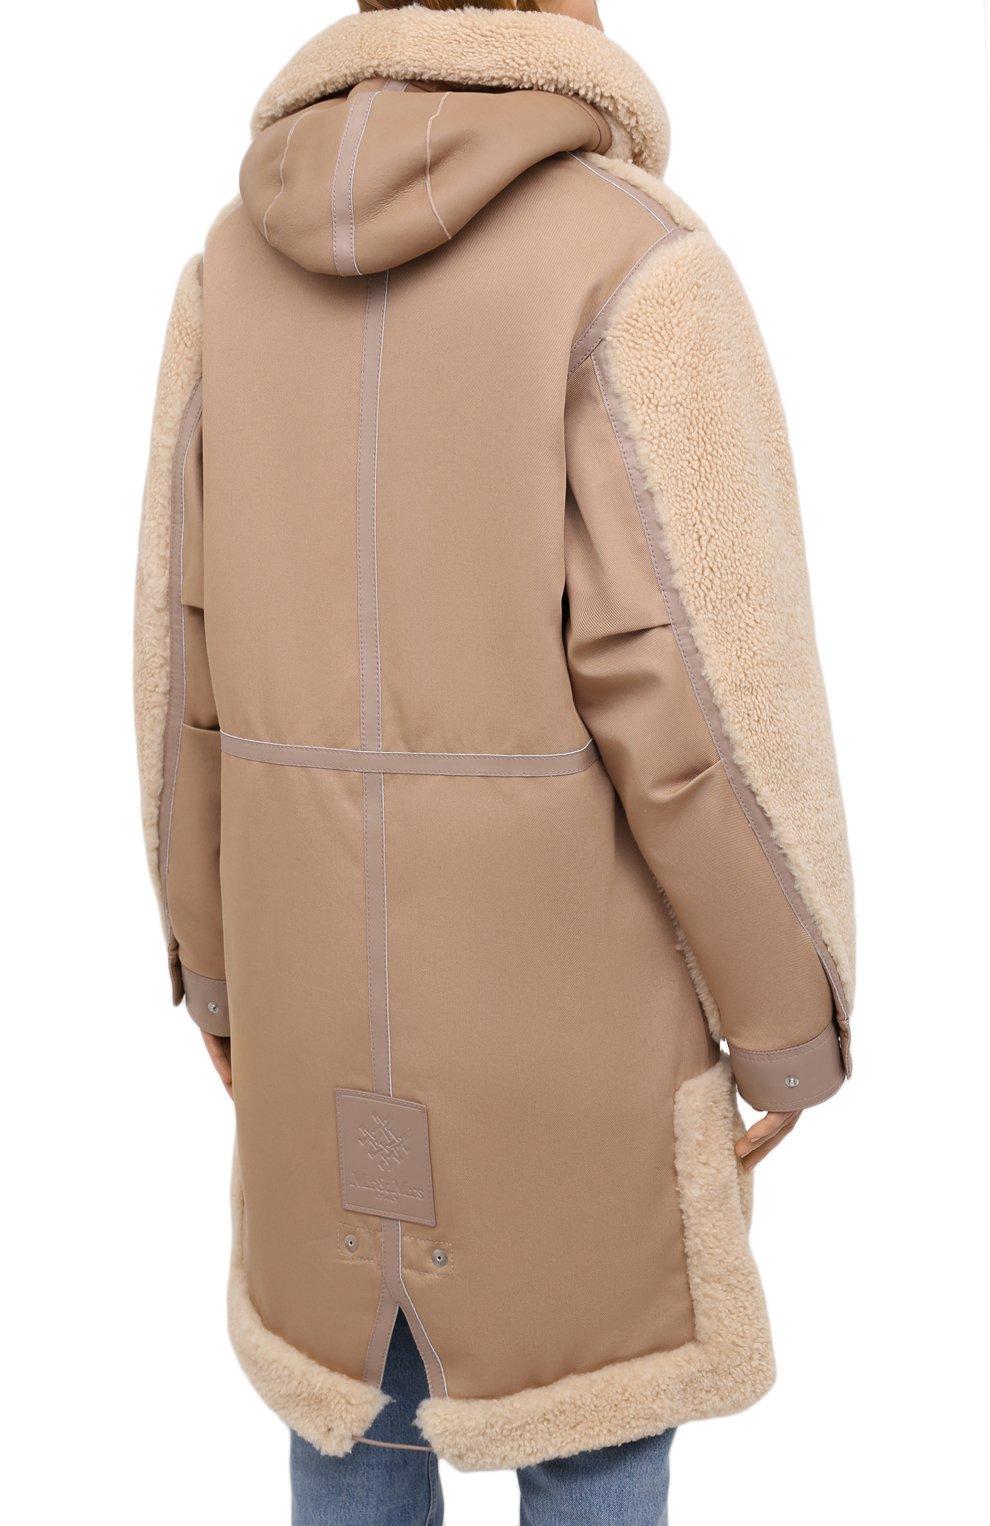 Женская дубленка MR&MRS ITALY коричневого цвета, арт. 211XPK0319   Фото 4 (Рукава: Длинные; Материал внешний: Натуральный мех, Хлопок; Длина (верхняя одежда): До колена; Материал подклада: Синтетический материал; Стили: Кэжуэл)